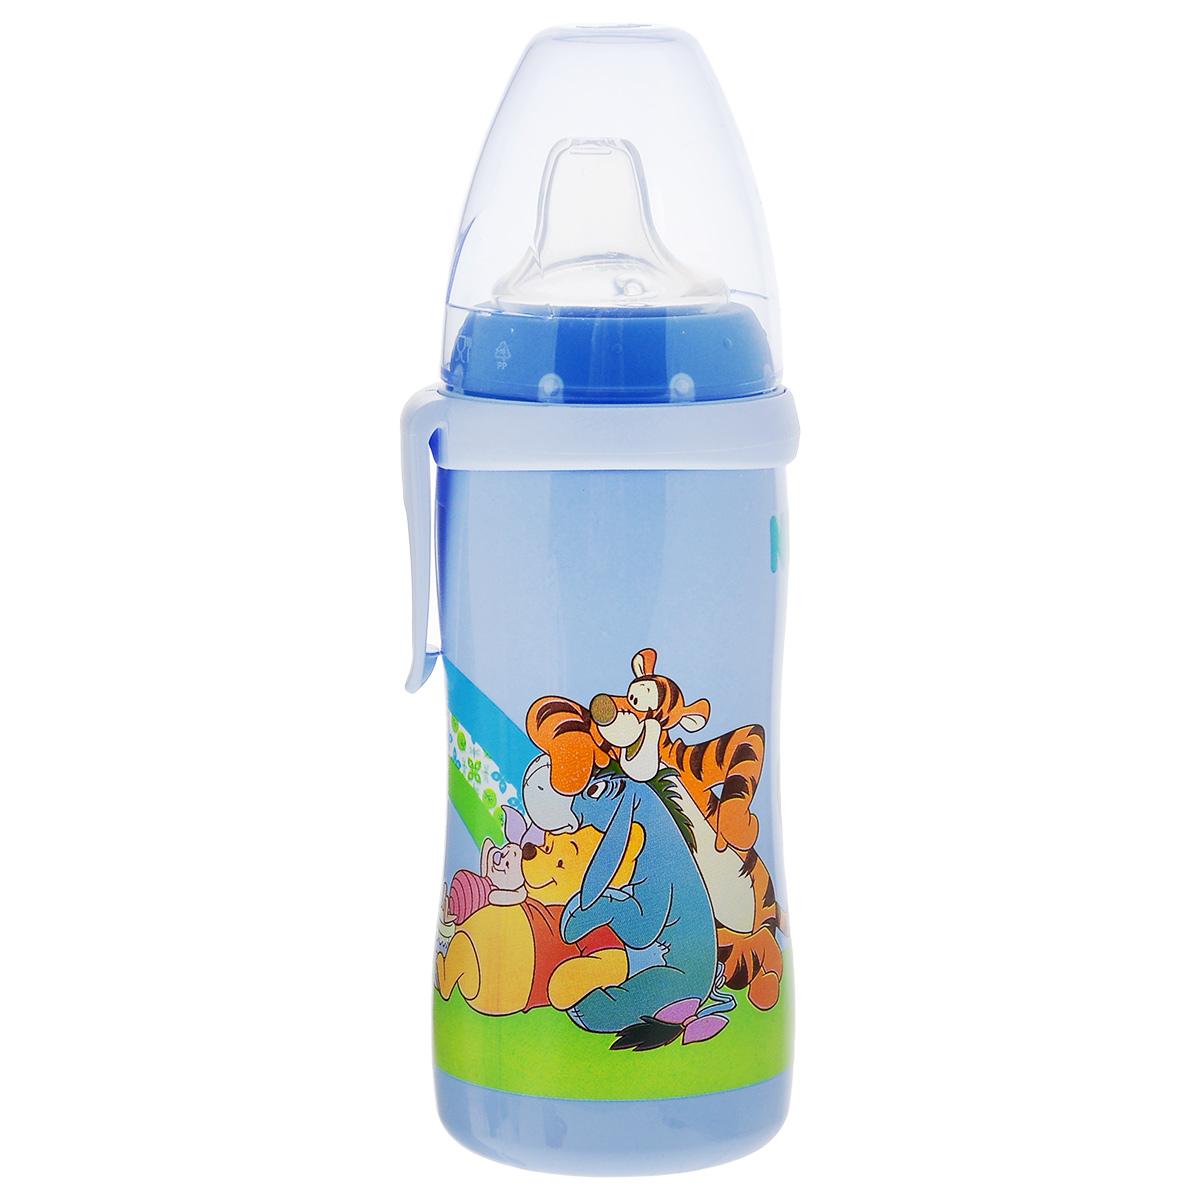 Бутылочка-поильник NUK Active Cup. Disney, с силиконовым носиком, от 12 месяцев, цвет: голубой, 300 мл10750413_голубойБутылочка-поильник NUK Active Cup. Disney, изготовленная из безопасного и прочного полипропилена, разработана для детей от года для легкого перехода от грудного кормления к бутылочке и от бутылочки к самостоятельному питью. Мягкий носик-насадка со специальным отверстием для питья изготовлен из силикона и исключает протекание. Закупоривающий диск бутылочки легко вставляется в завинчивающееся кольцо, что позволяет бутылочке оставаться герметичной. Благодаря широкому горлышку, бутылочку-поильник легко наполнить или очистить.